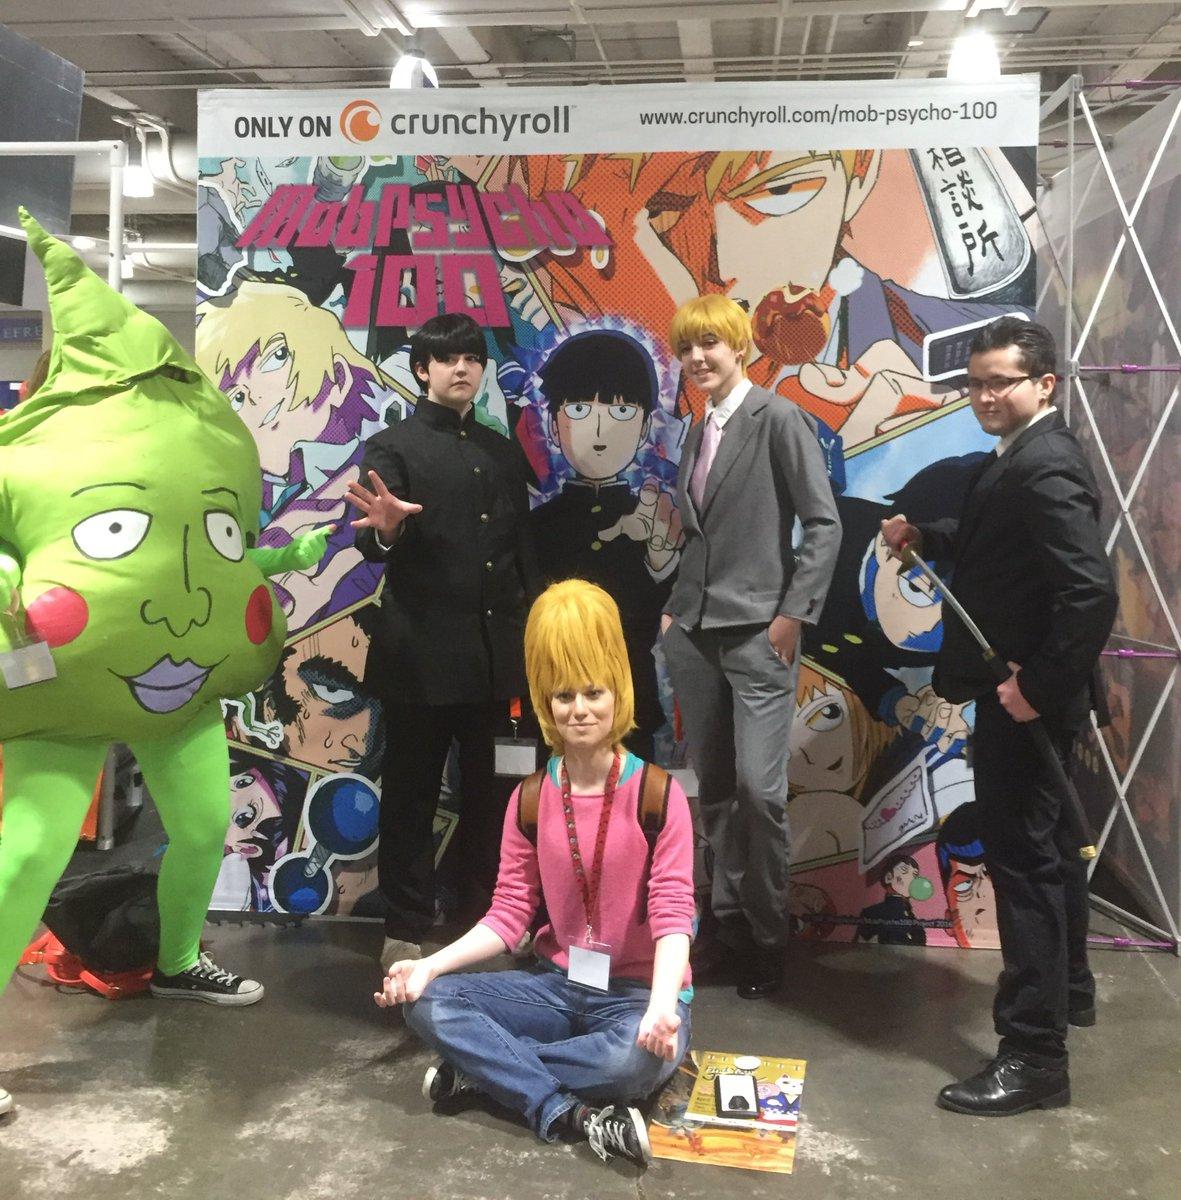 Hello from Boston!ボストンのアニメイベント・AnimeBostonでは、モブサイコも盛り上がっておりま